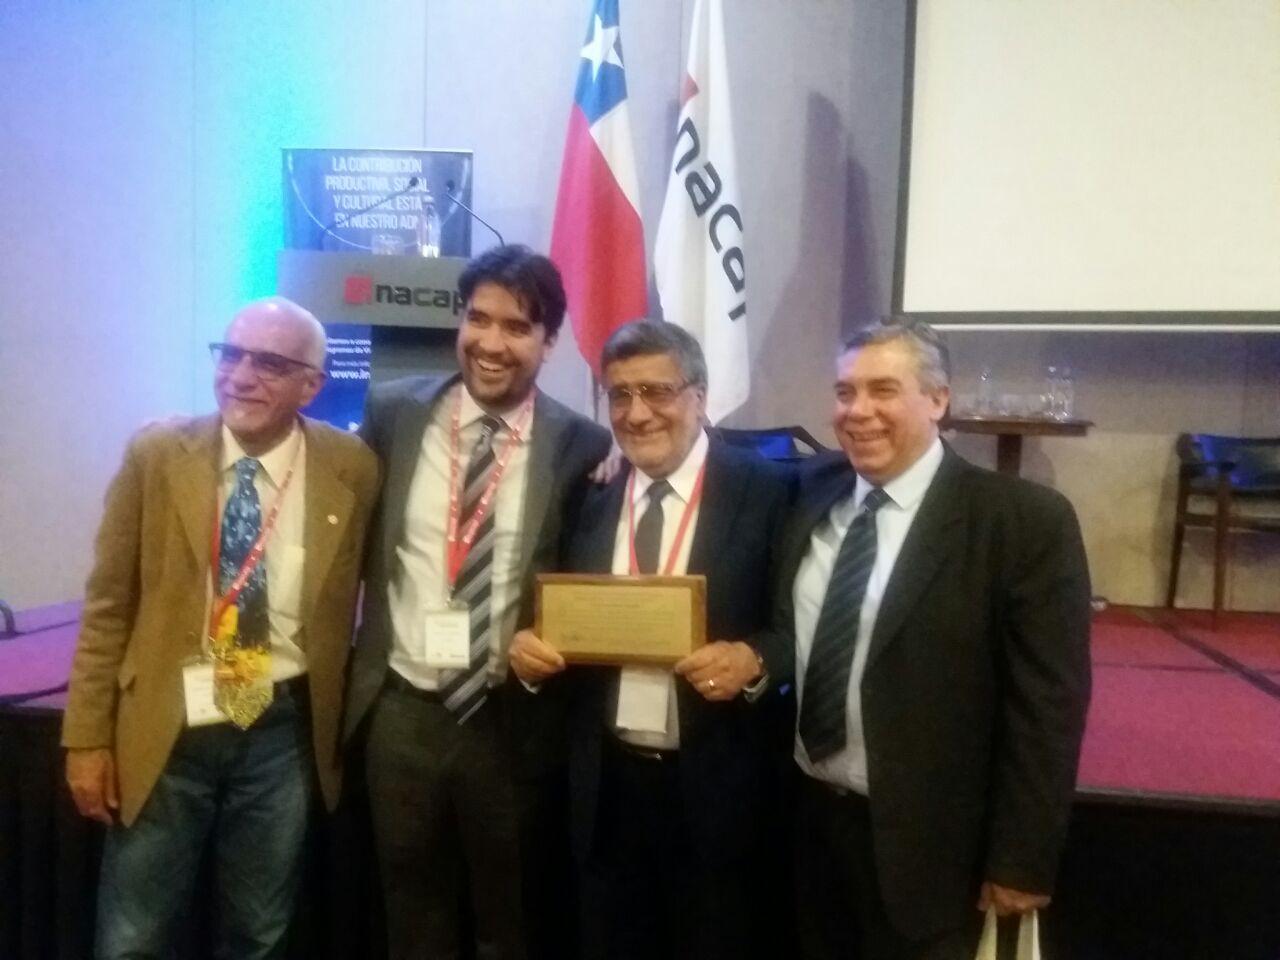 Director de Emprendo fue reconocido por su aporte al desarrollo de la educación emprendedora